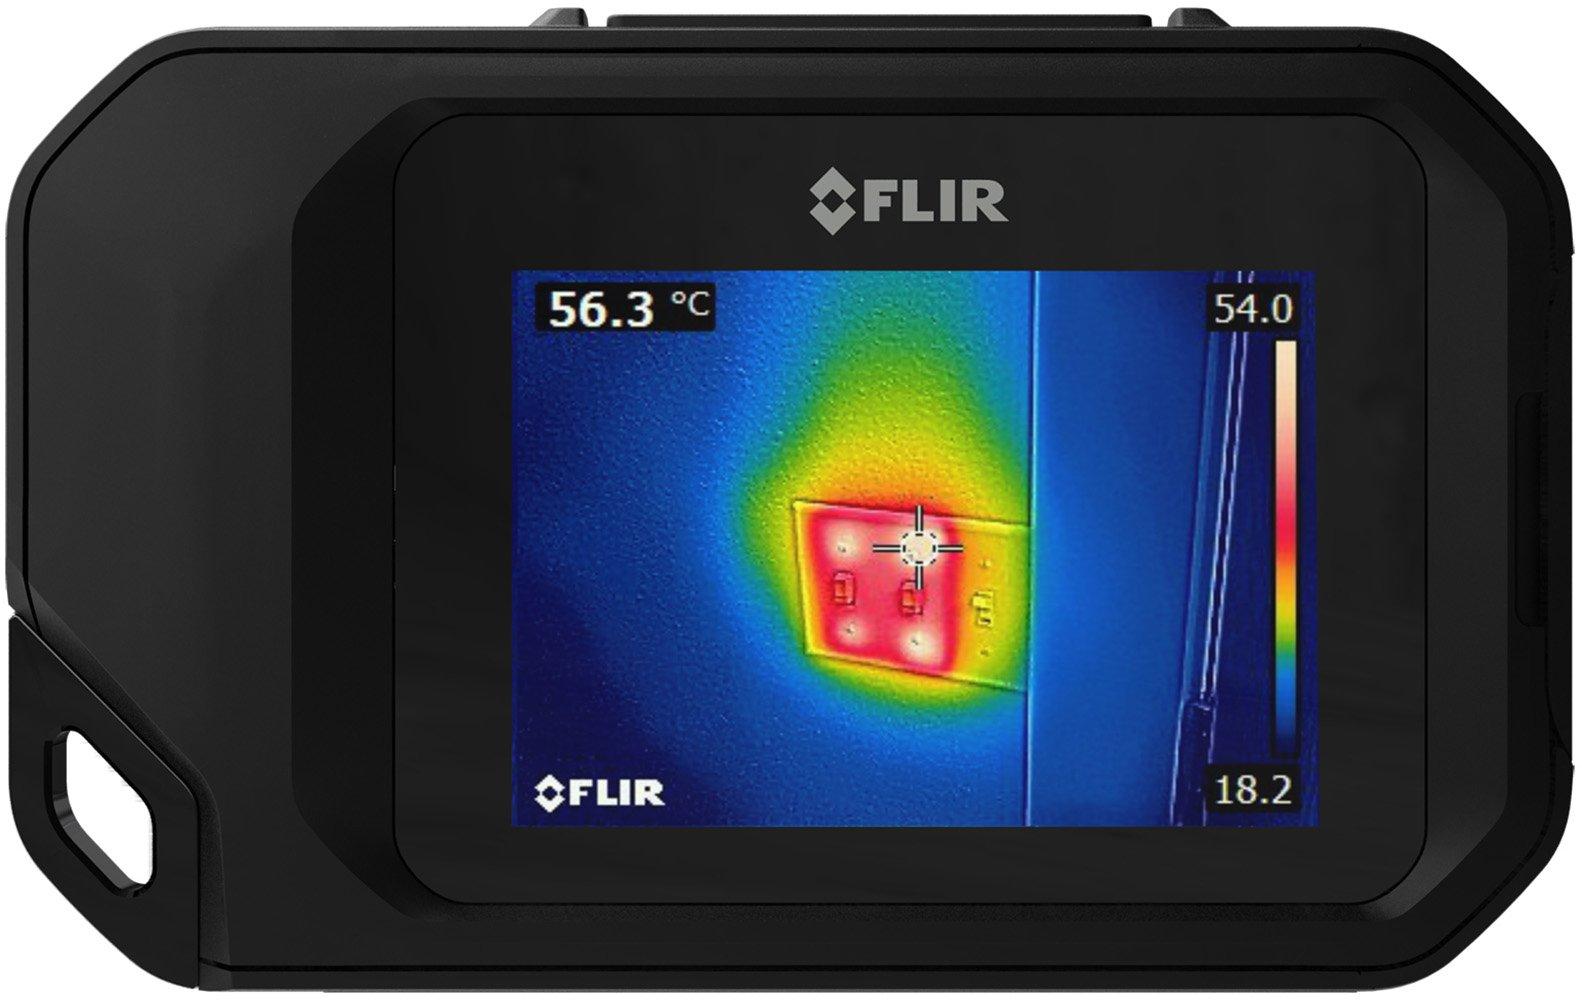 FLIR C3 Pocket Thermal Camera with WiFi by FLIR